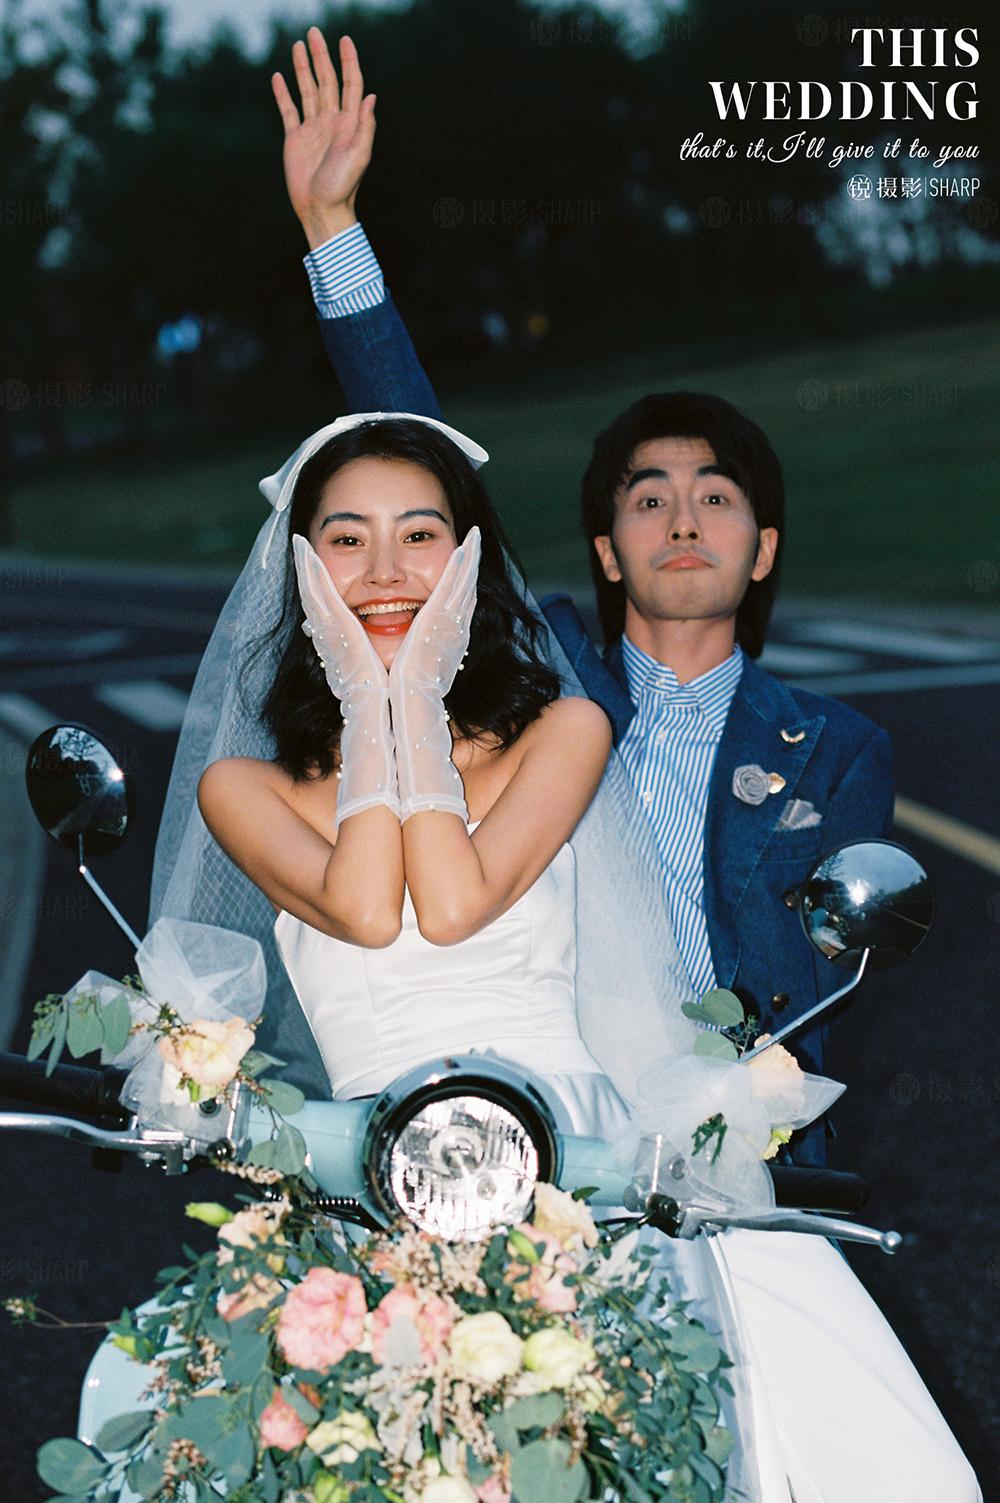 婚礼日志-2